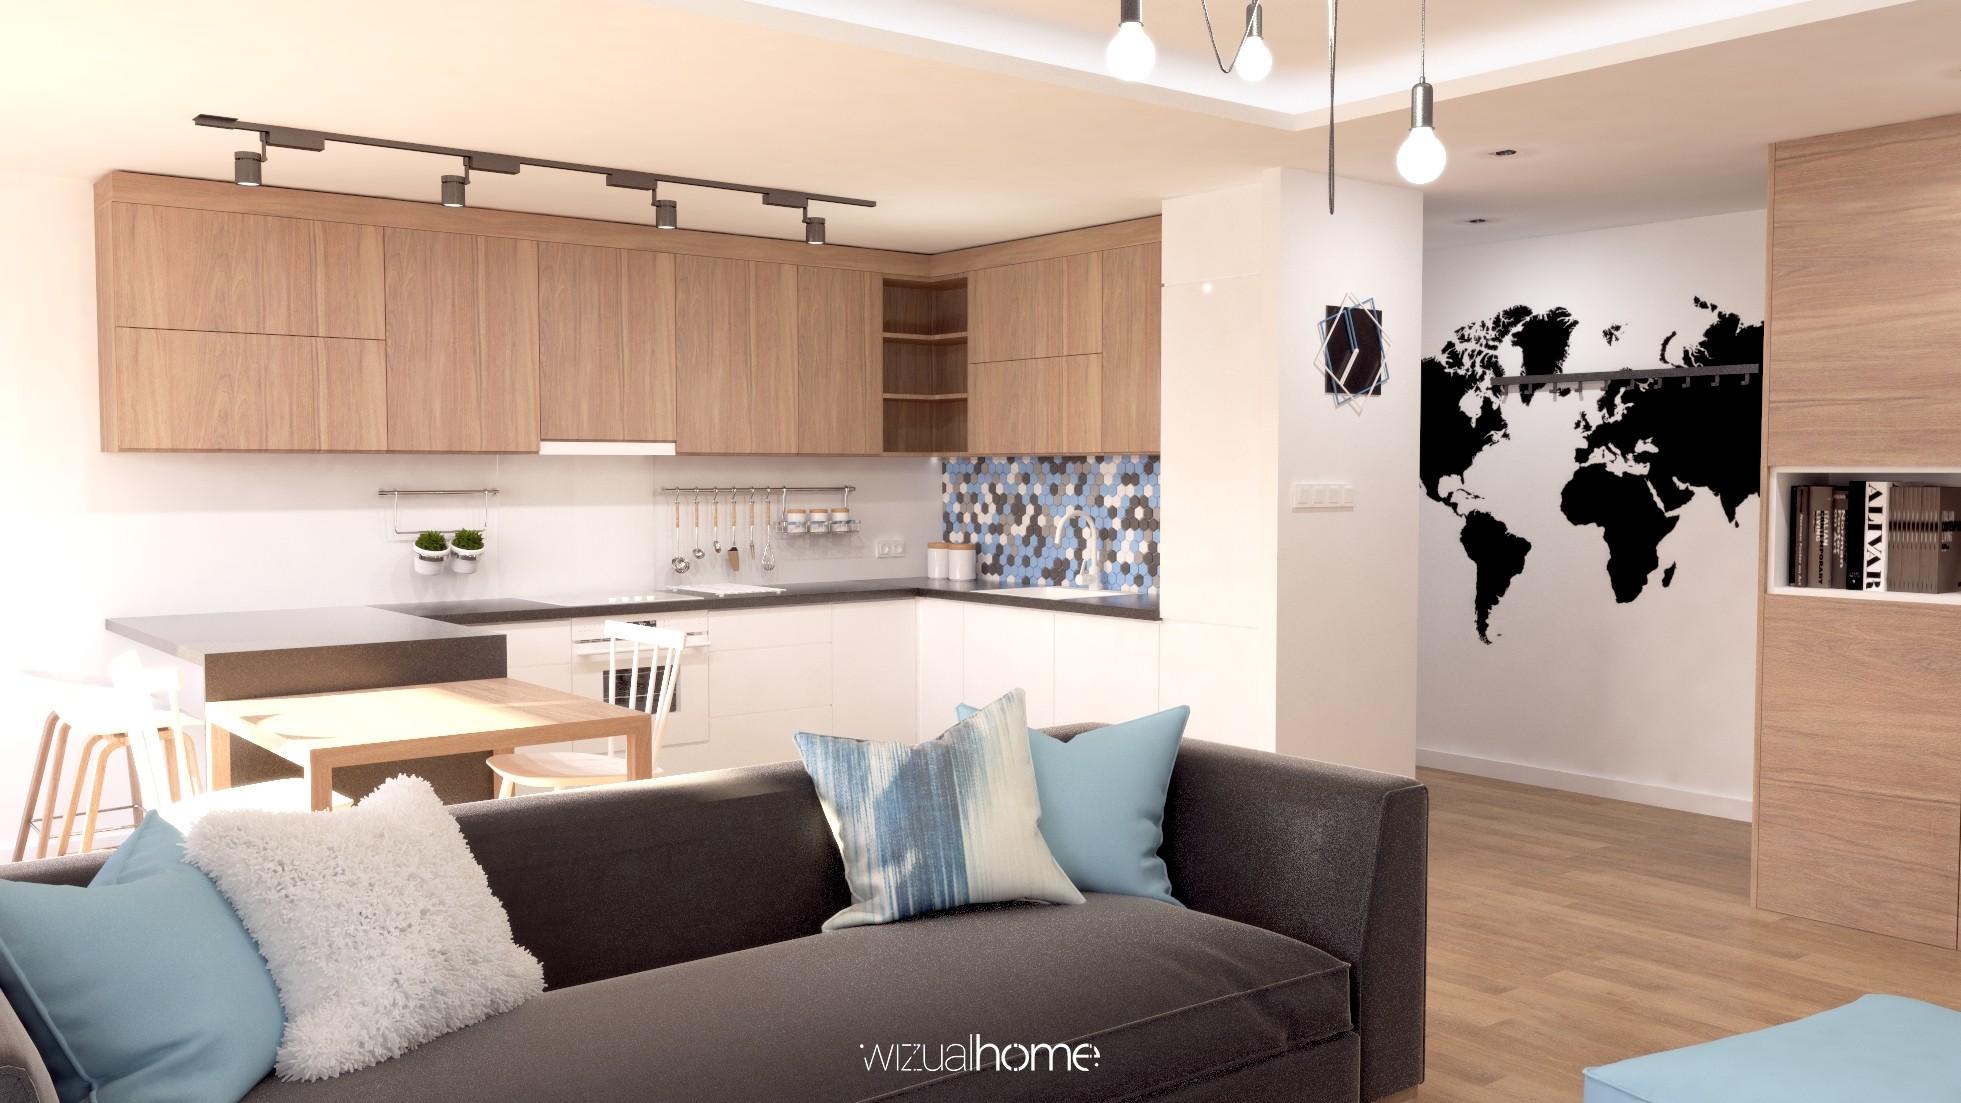 Projekt mieszkania wstylu nowoczesnym.